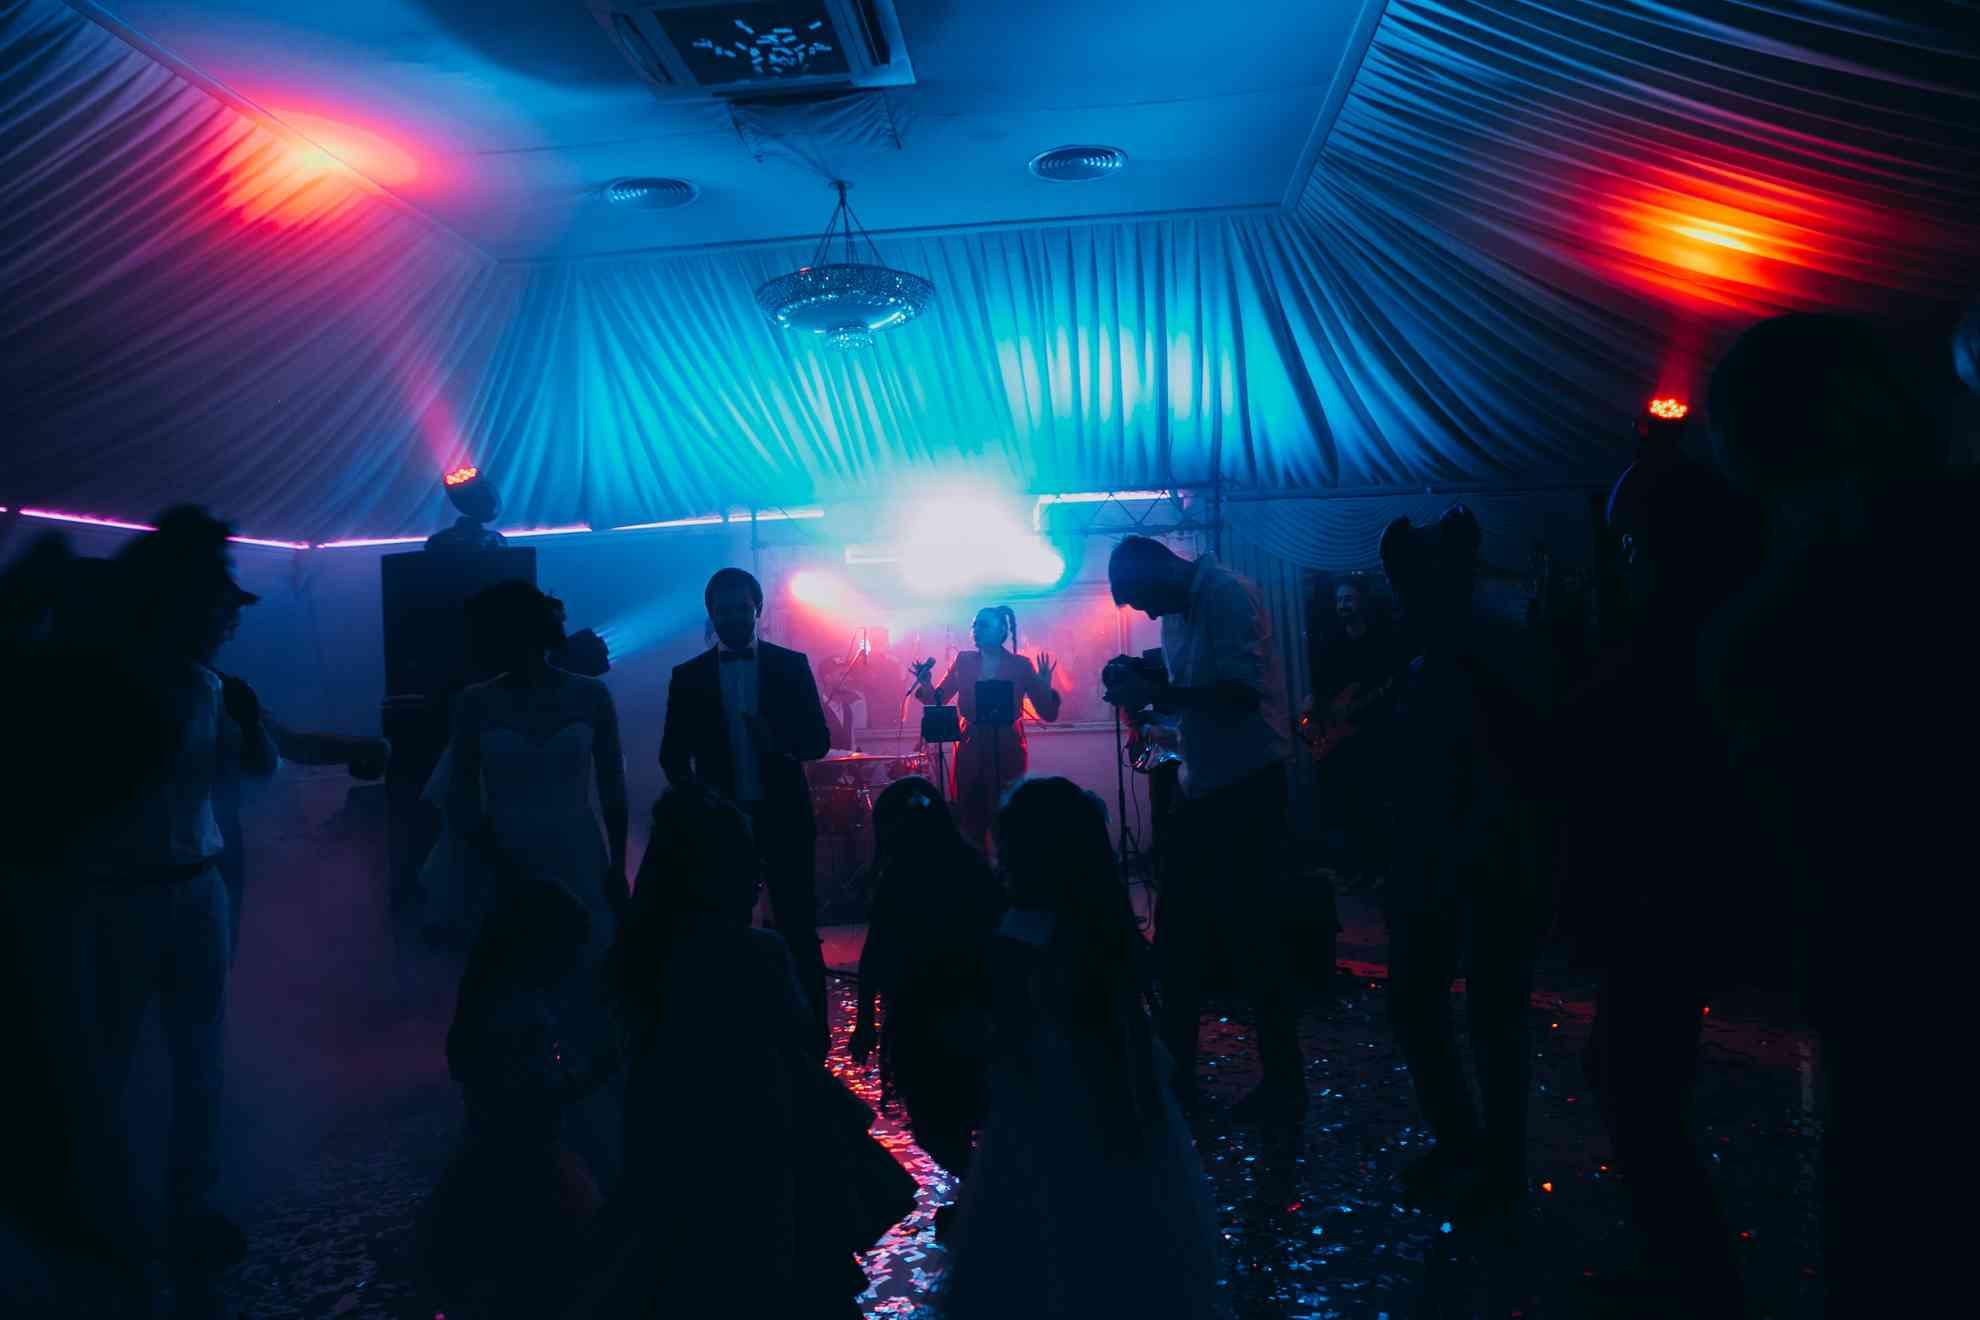 живое выступление группы на свадьбе